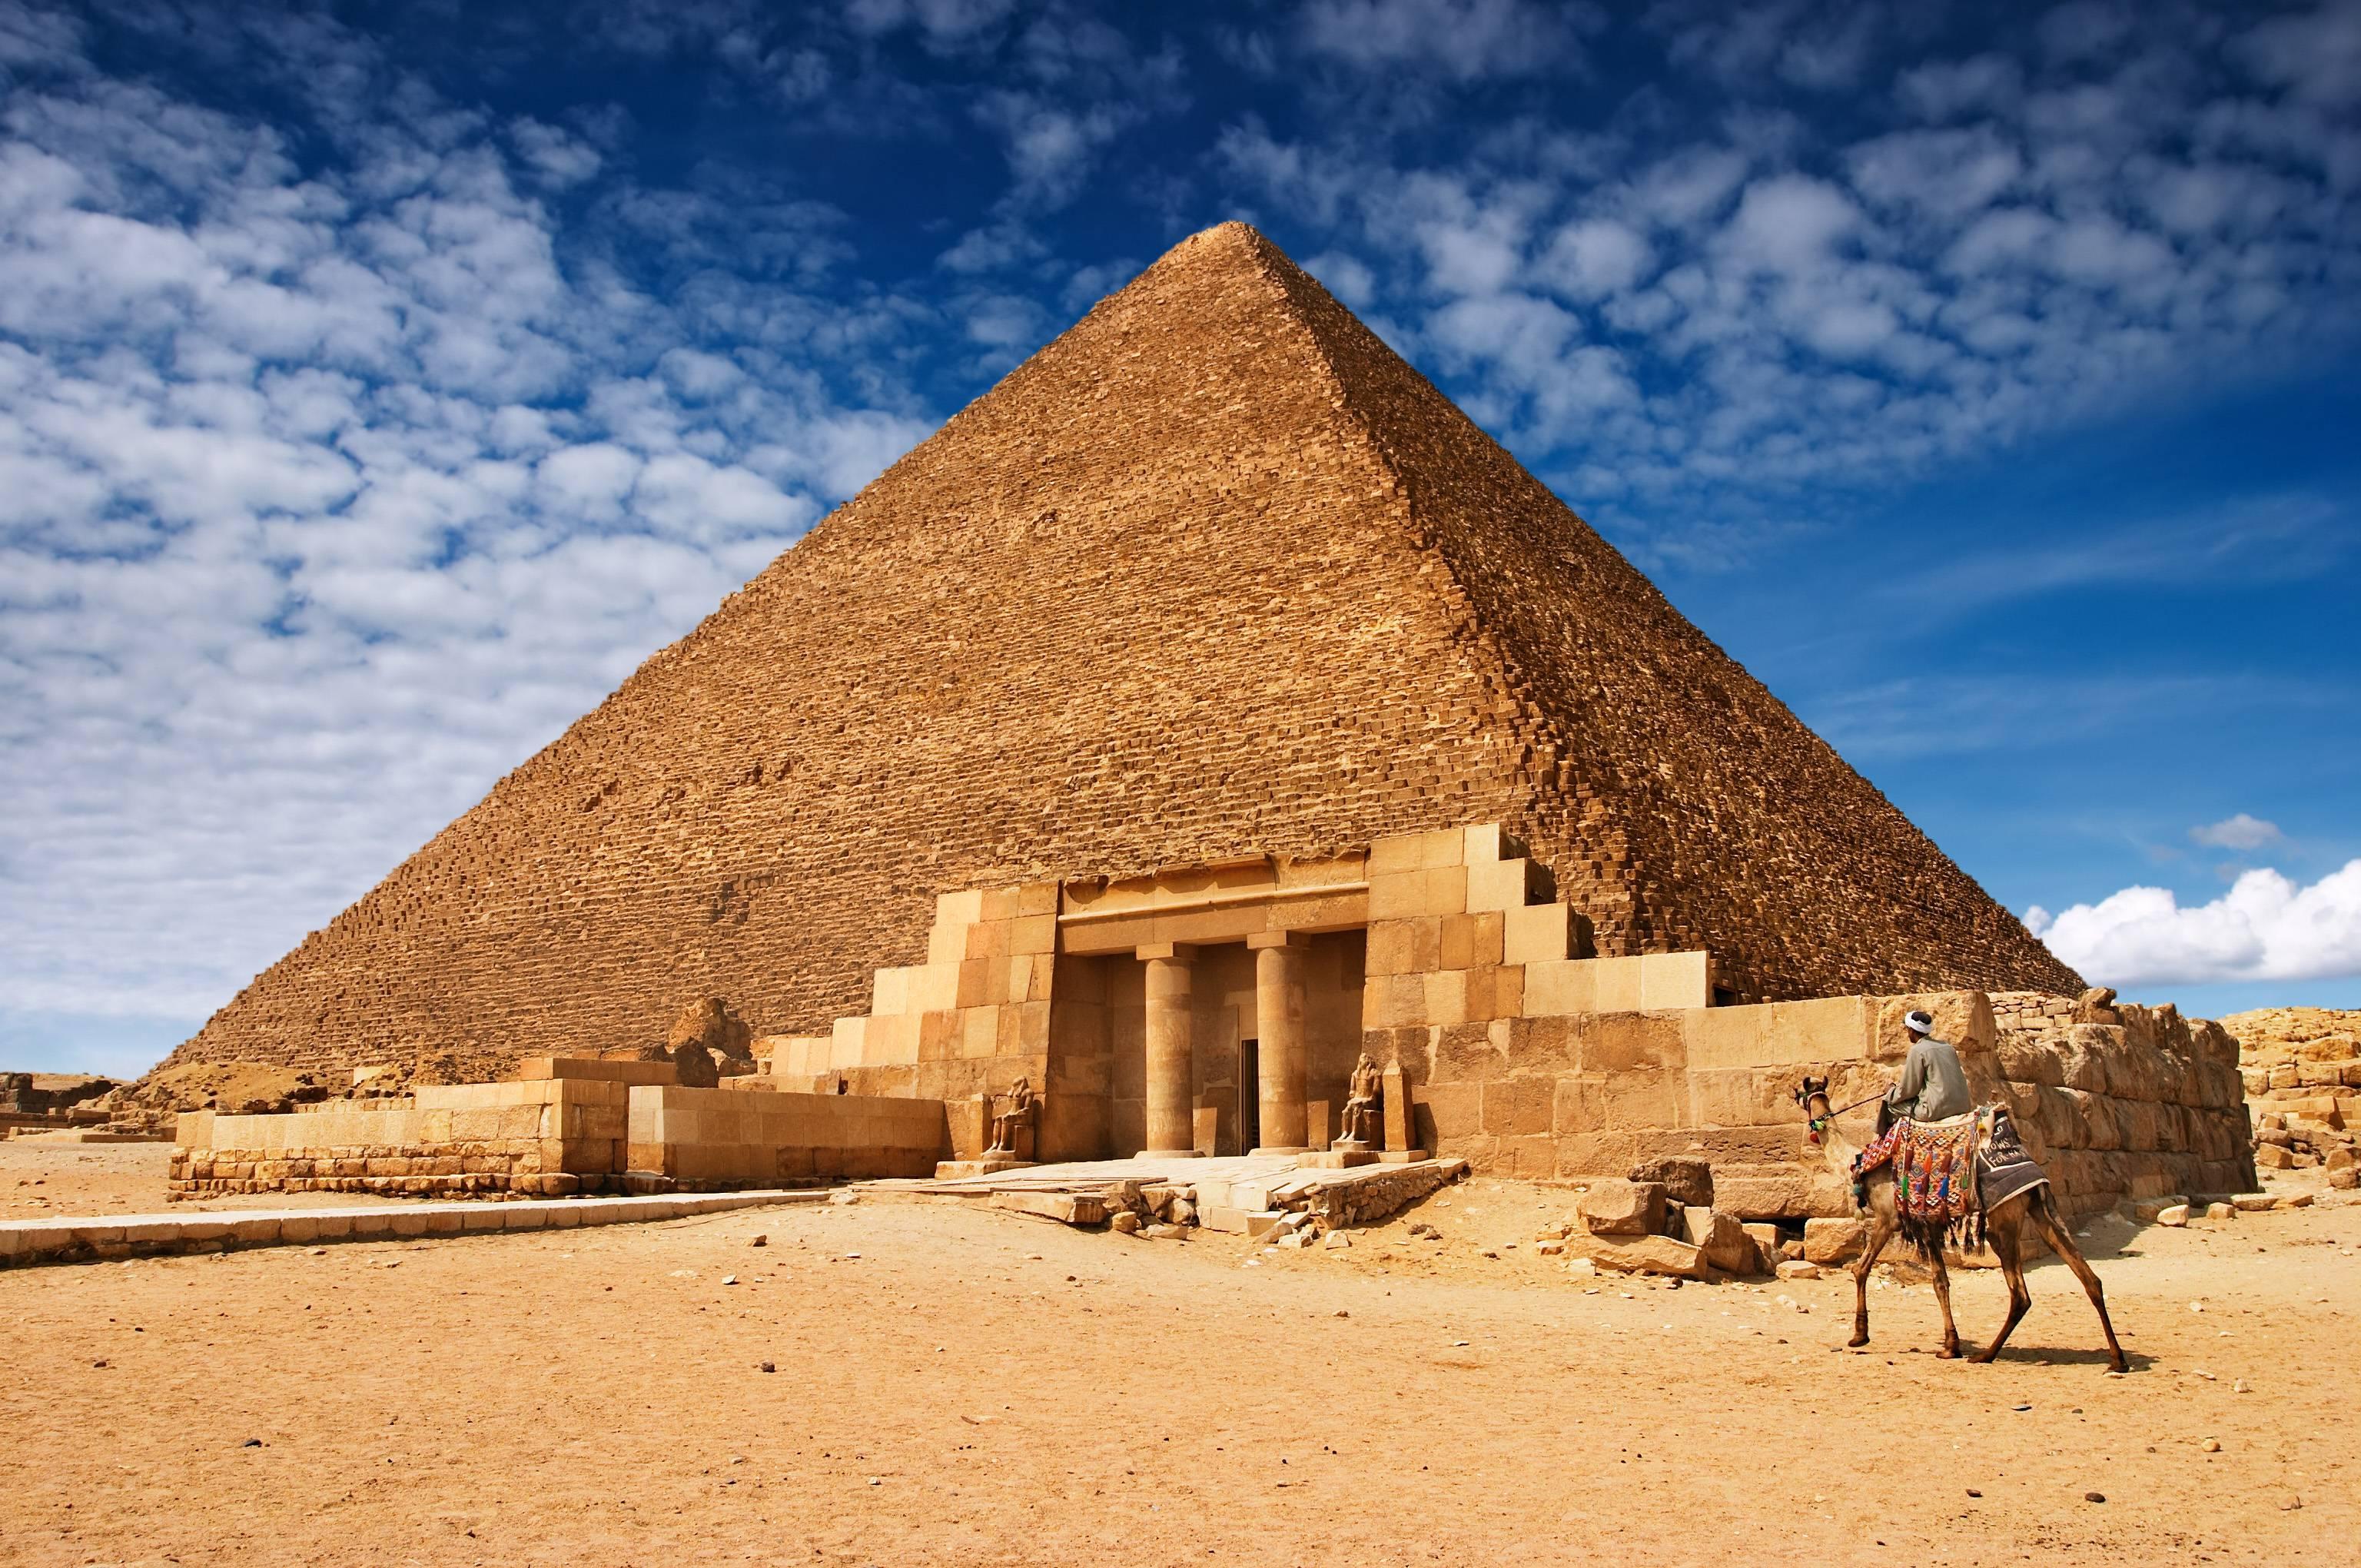 Giza Pyramids Wallpapers Wallpaper Cave